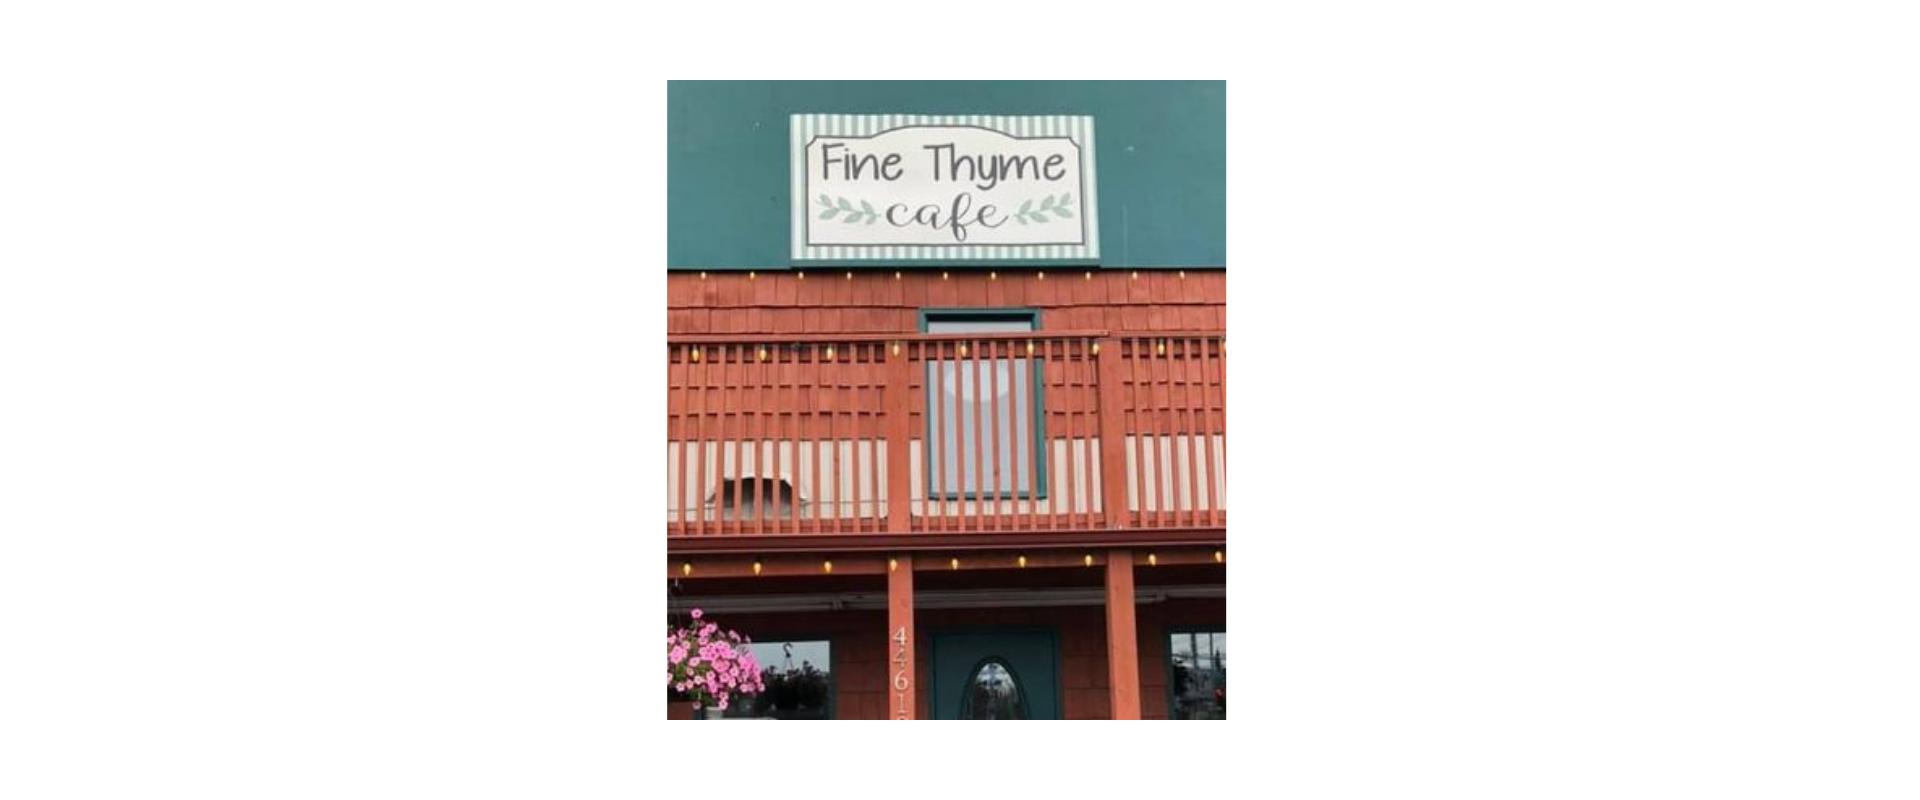 Fine Thyme Café